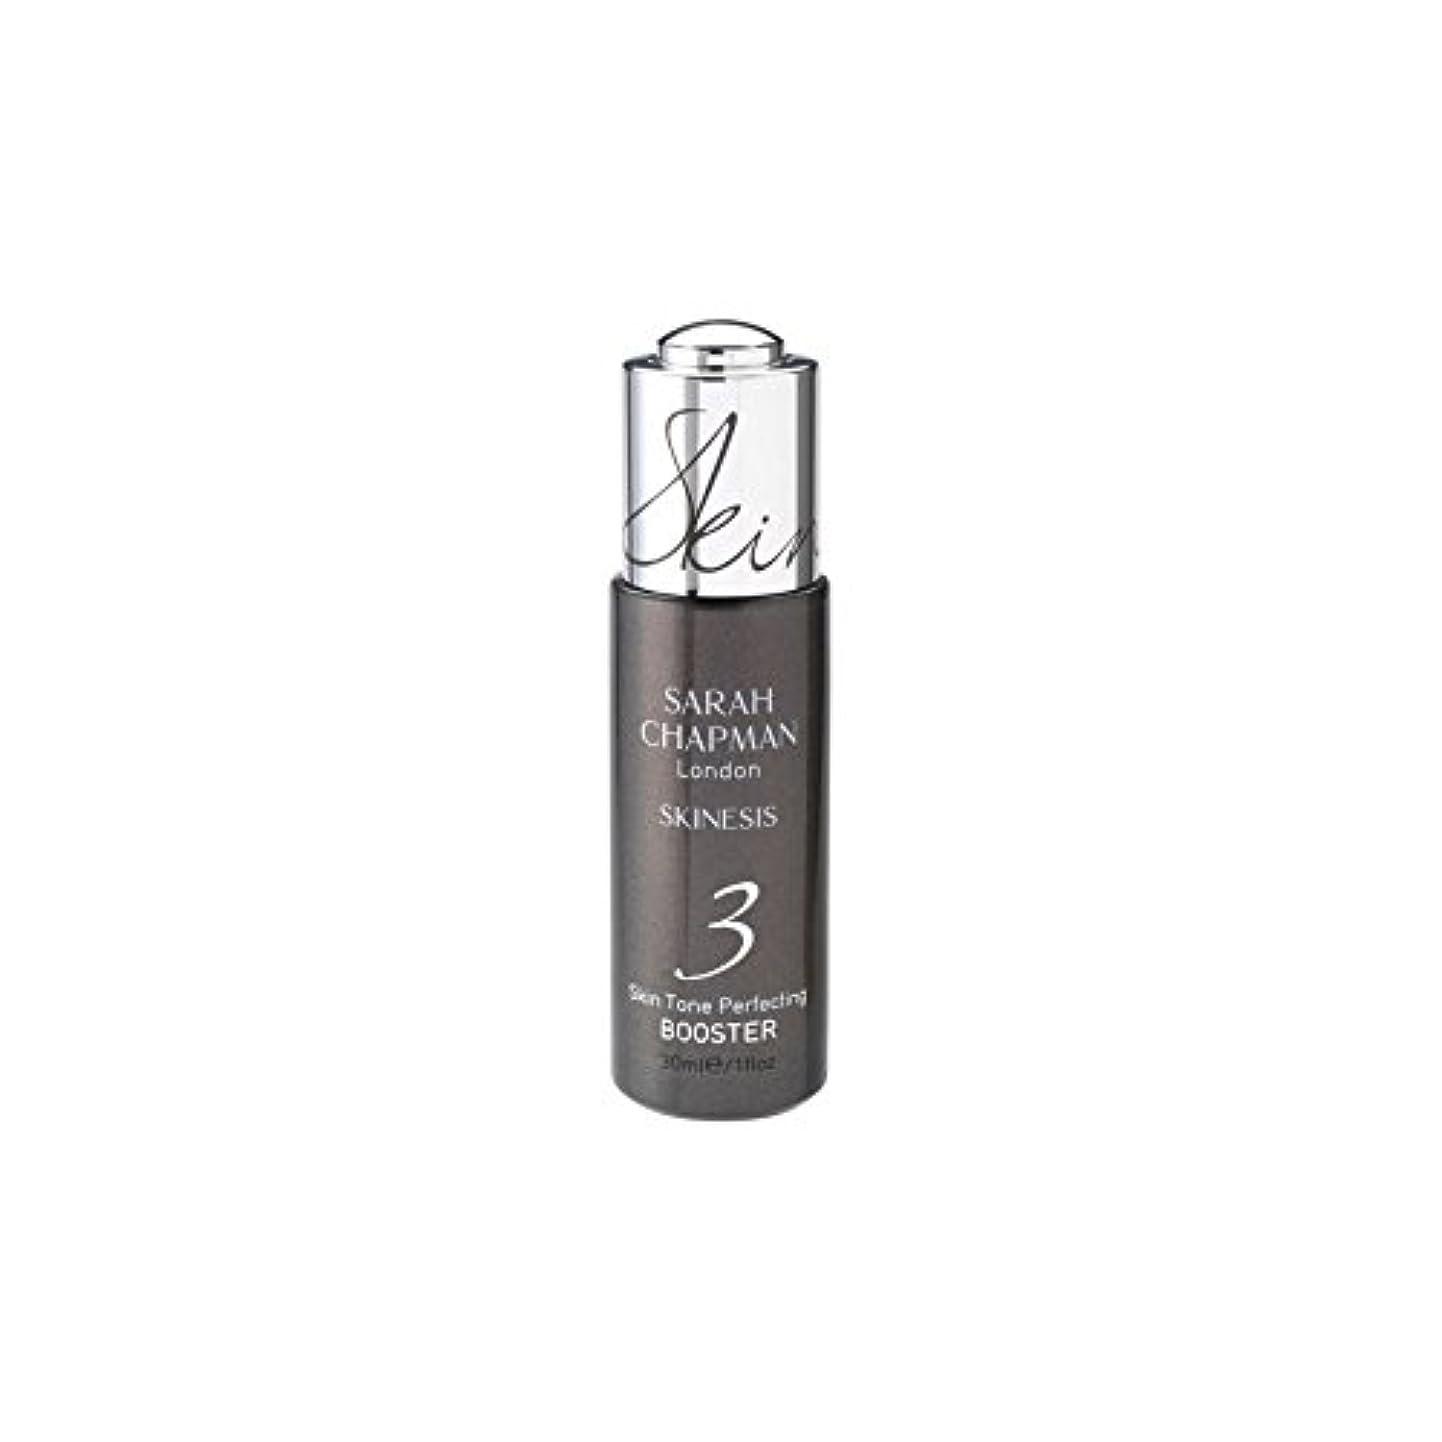 葉あごひげレンズサラ?チャップマン肌色完成ブースター(30ミリリットル) x2 - Sarah Chapman Skinesis Skin Tone Perfecting Booster (30ml) (Pack of 2) [並行輸入品]